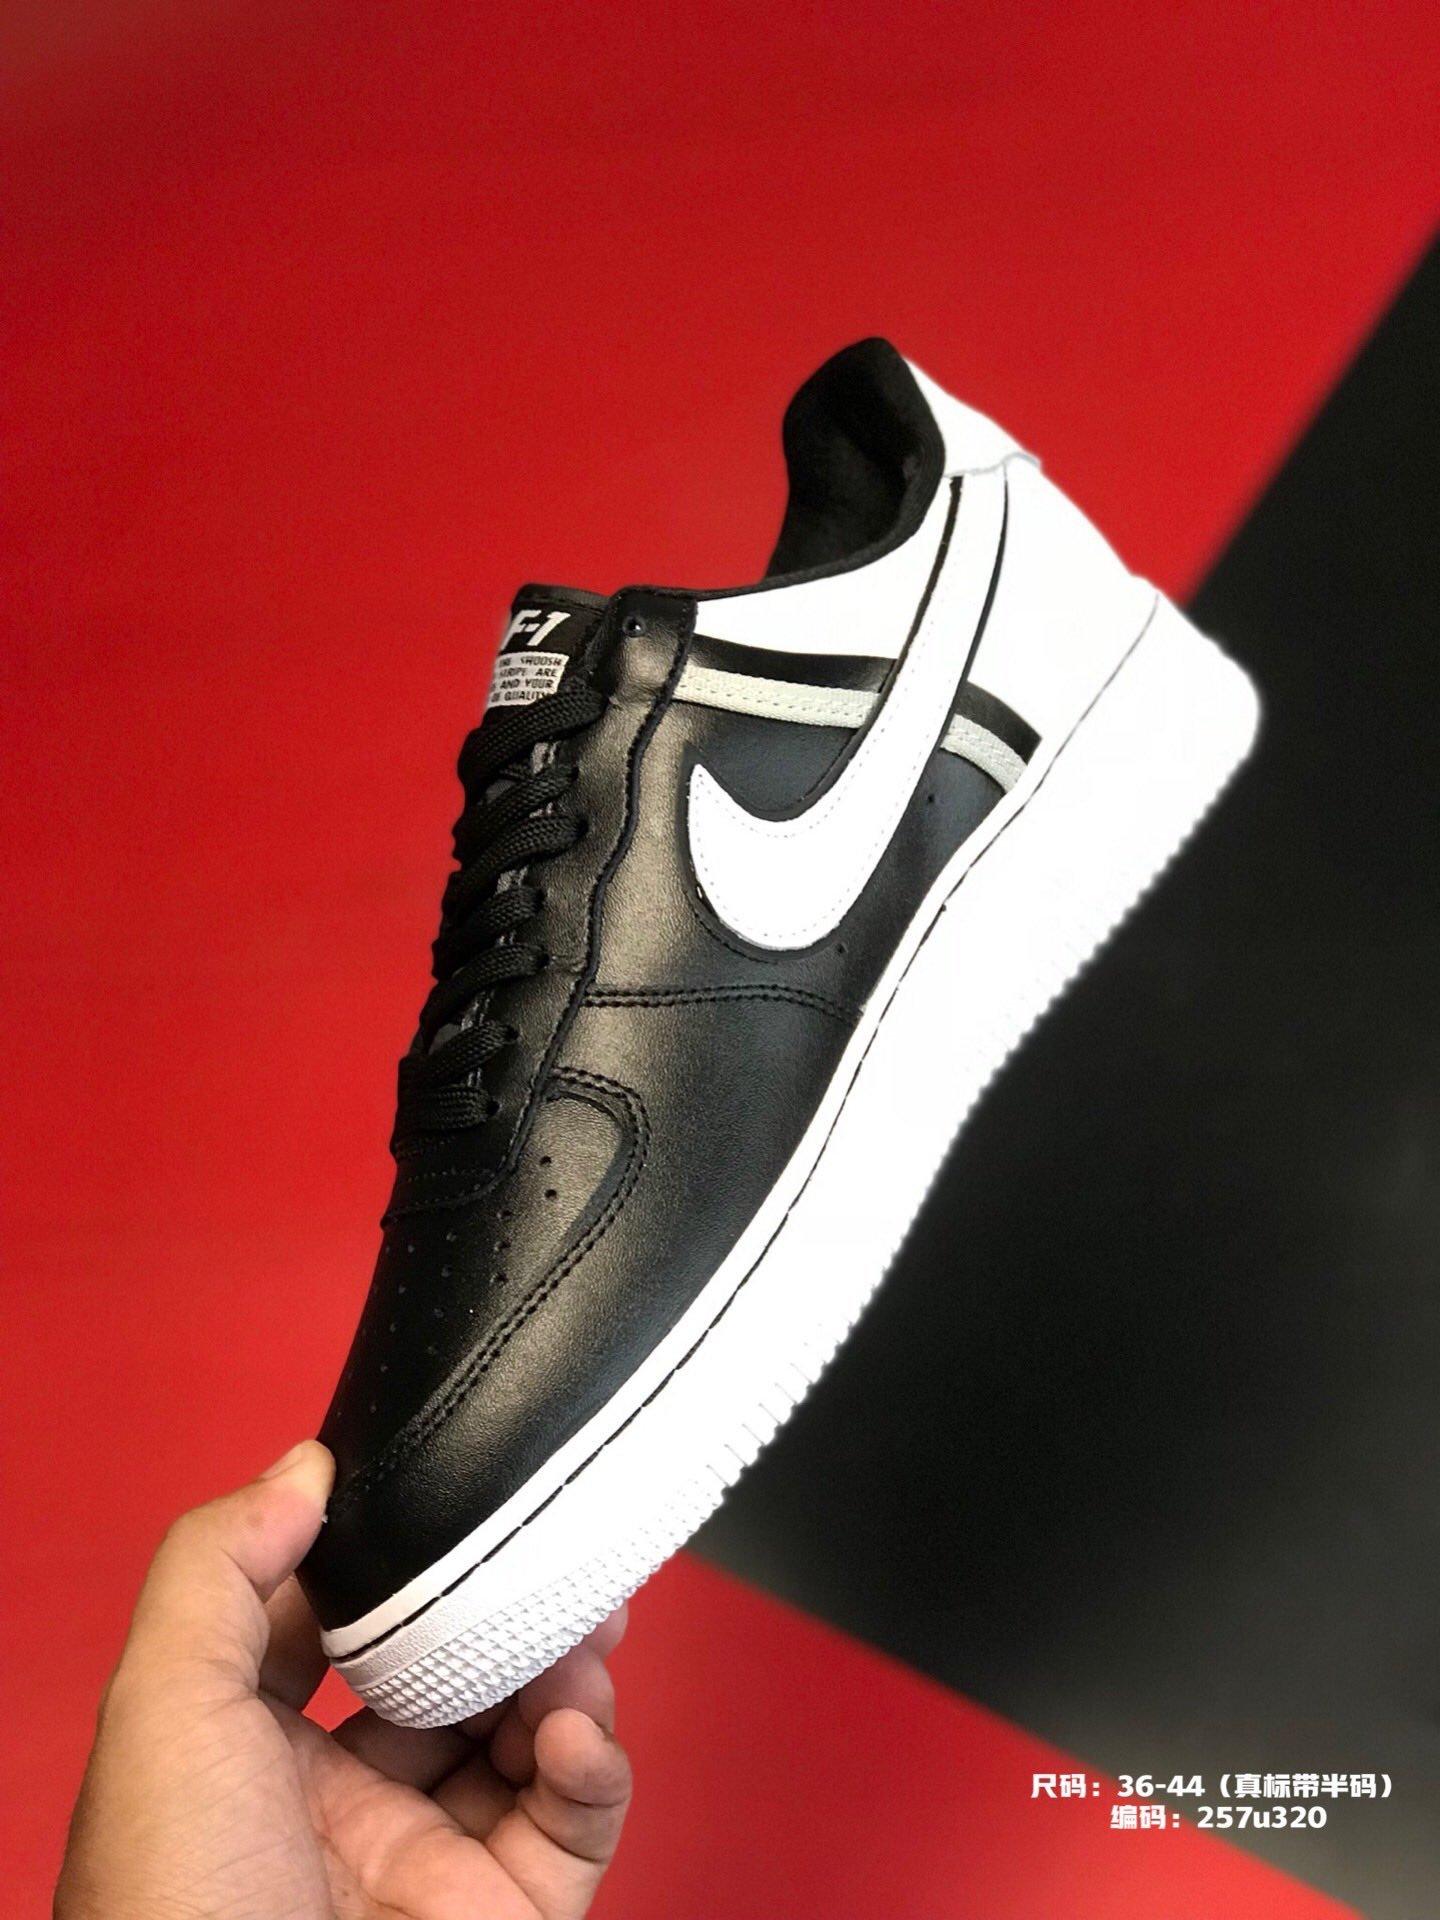 ?240尺码:36-44(真标带半码)品牌:耐克 Nike简介:  Nike Air Force 1 原盒真标 官方主打 拼色真皮拼接 空军一号板鞋编码:257u320